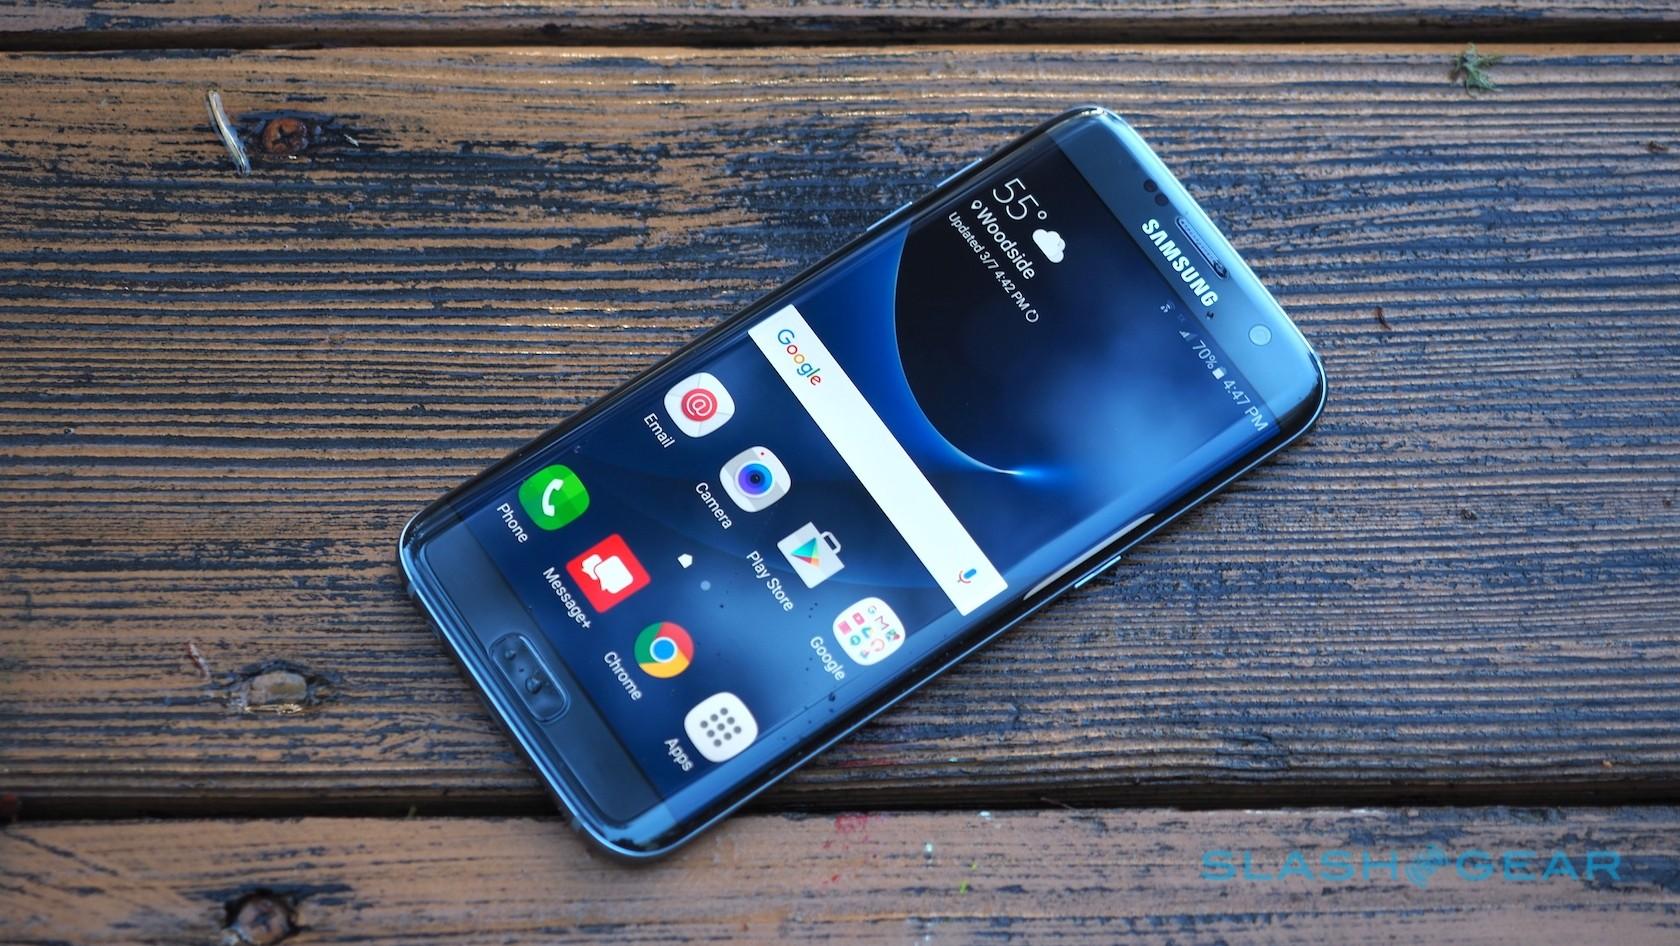 В России стоимость смартфона Samsung Galaxy S7 Edge снизилась до 28100 рублей